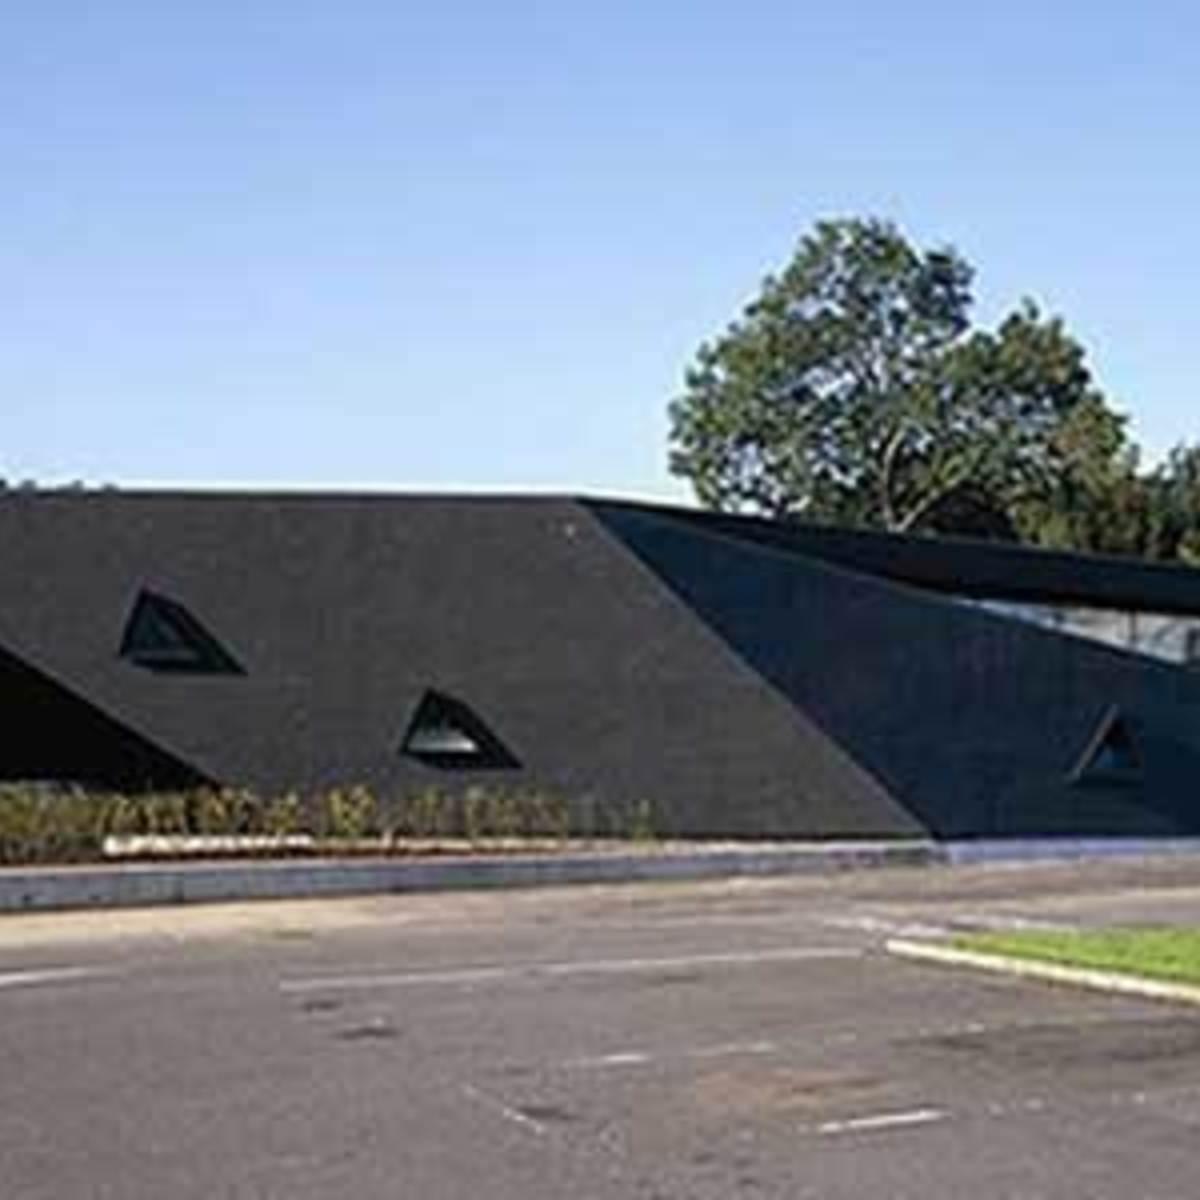 Maggie's Centre. Fife (Escocia). Zaha Hadid. 2006